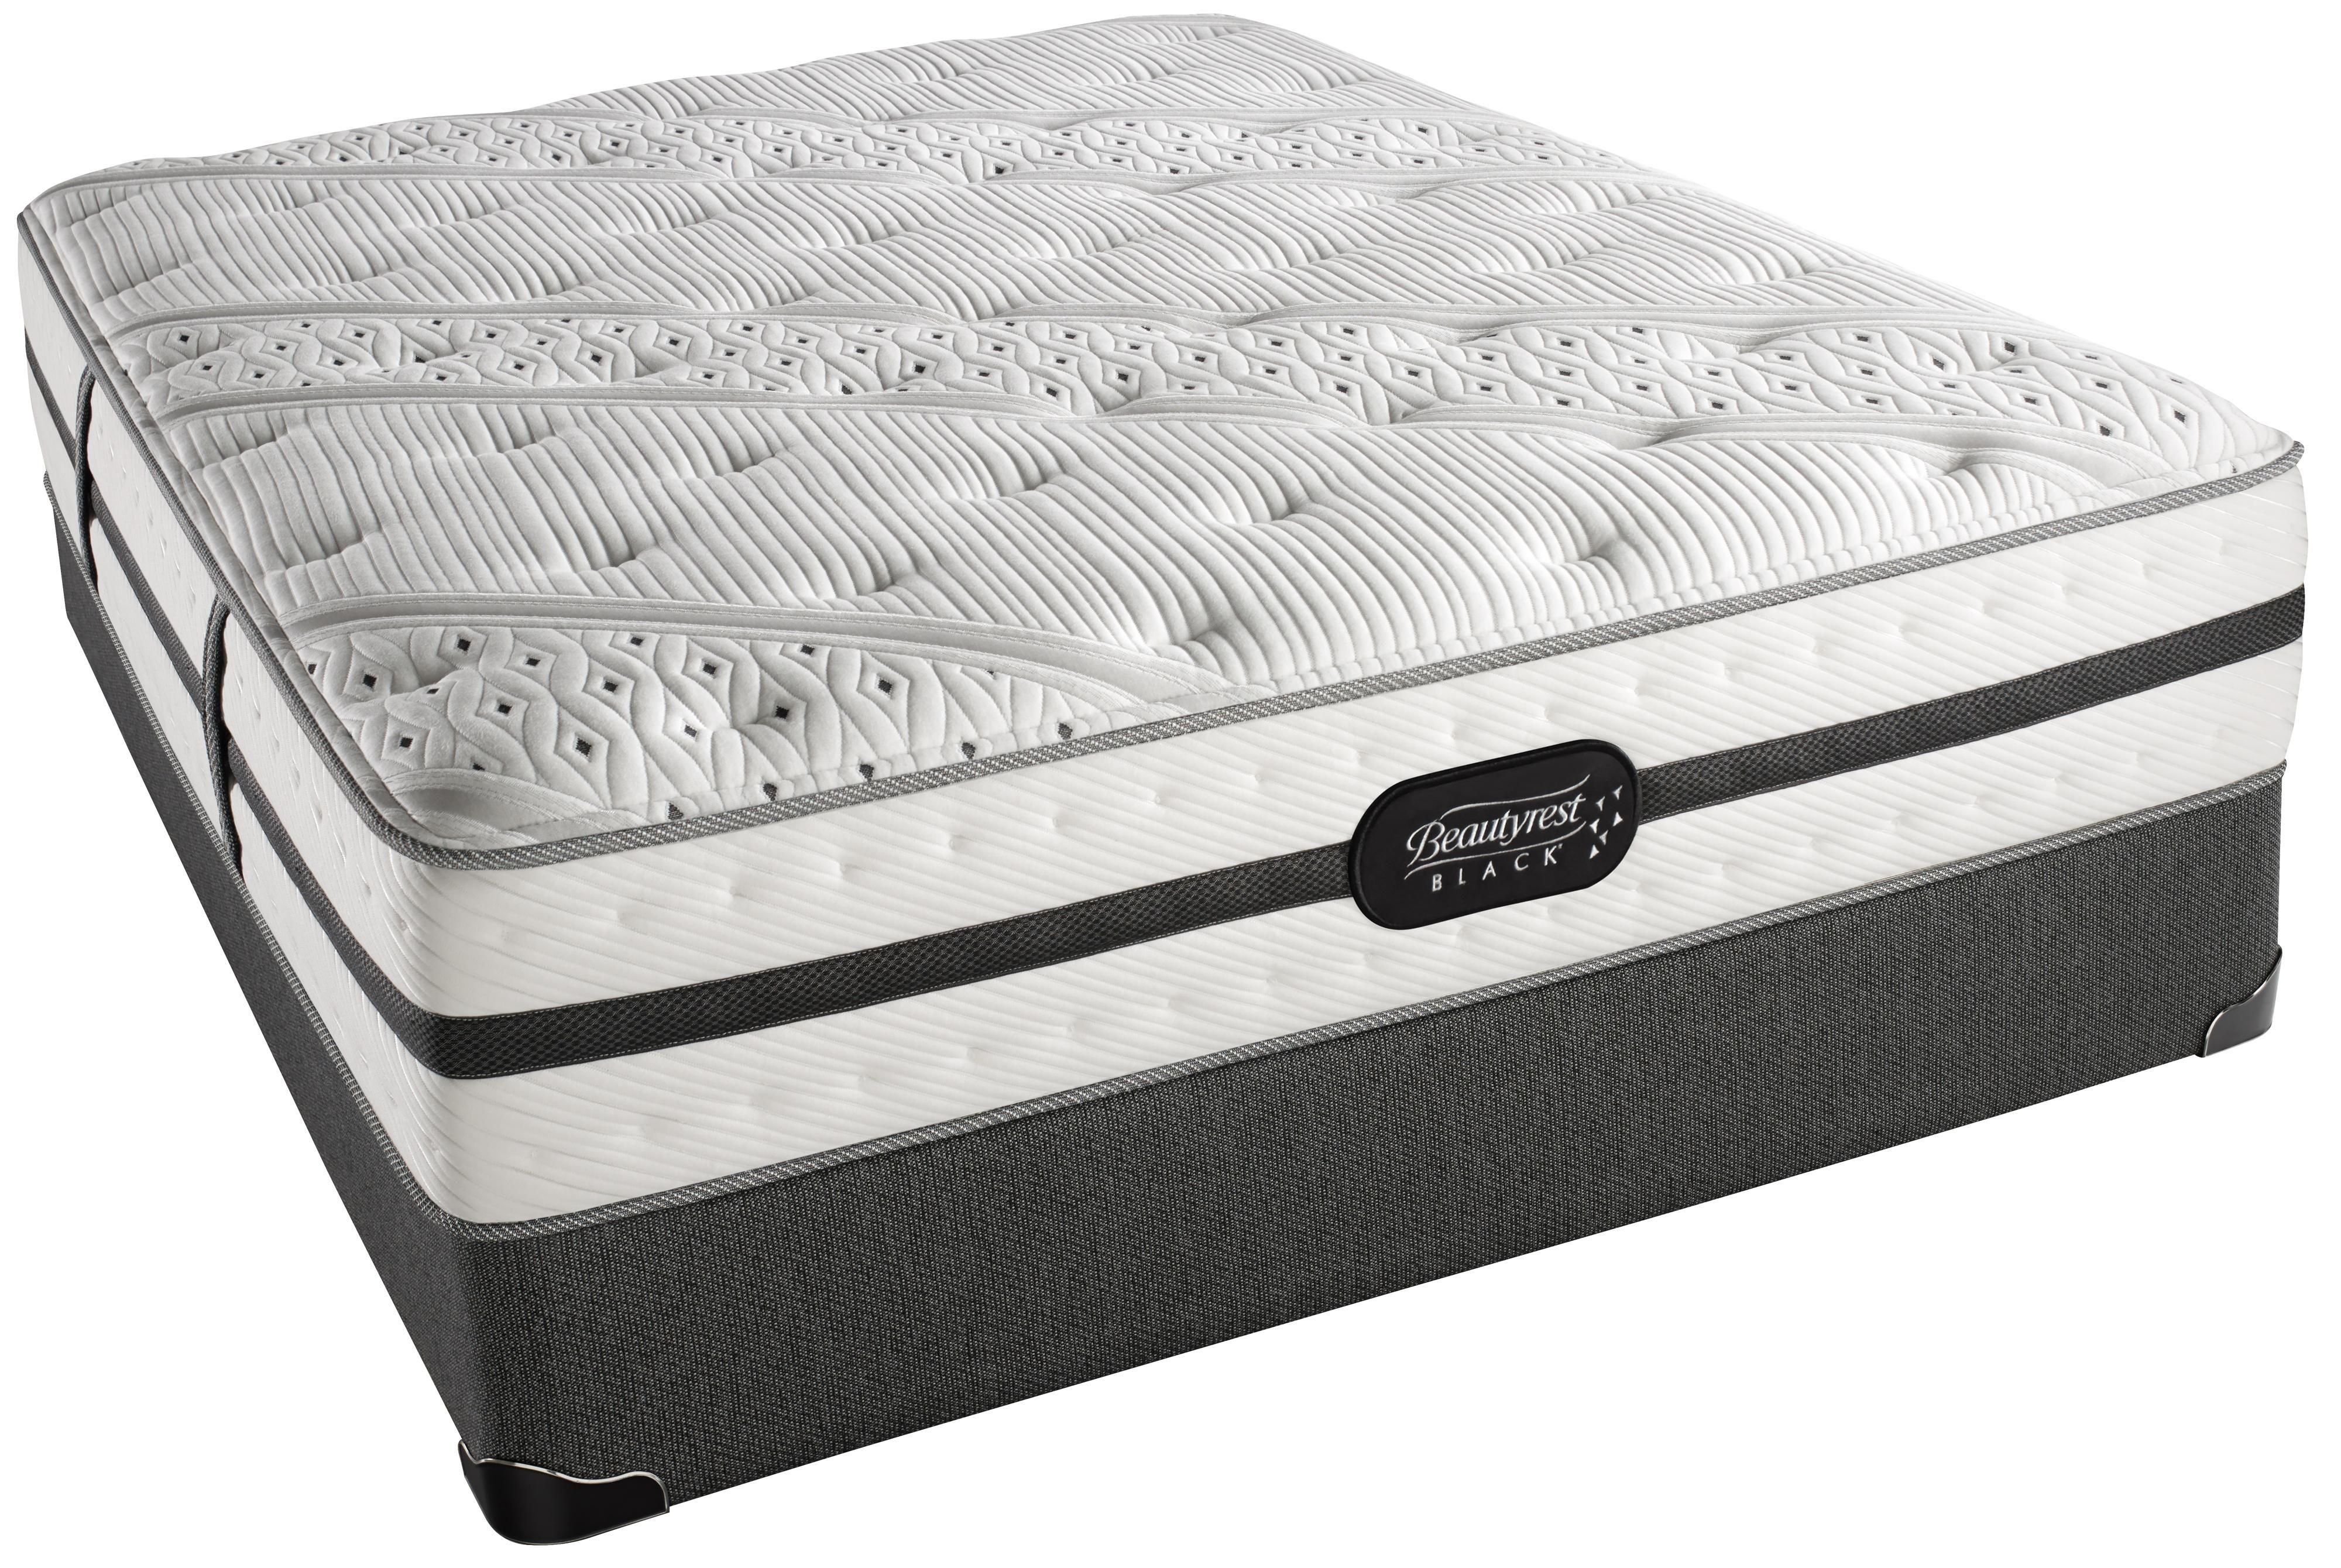 Beautyrest black ava queen plush mattress set by simmons